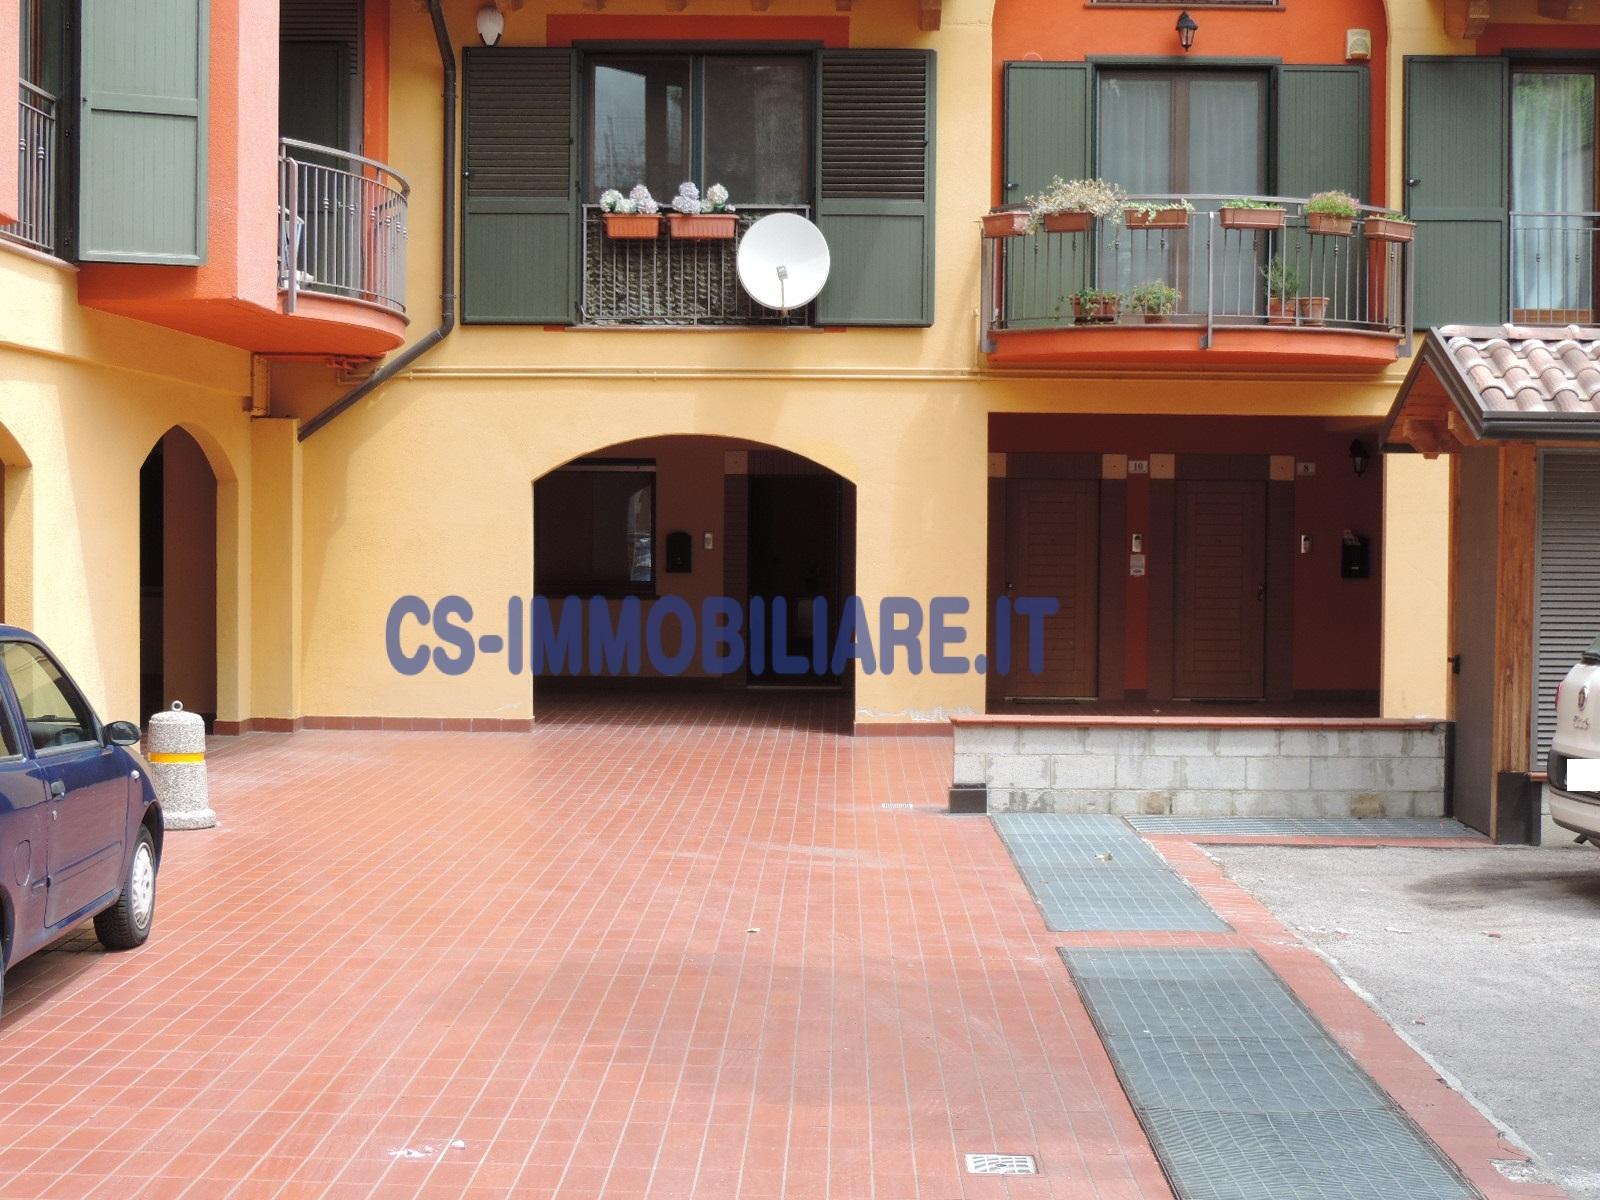 Appartamento in affitto a Potenza, 2 locali, zona Località: MacchiaRomanaEdiliziaPrivata, prezzo € 400 | CambioCasa.it